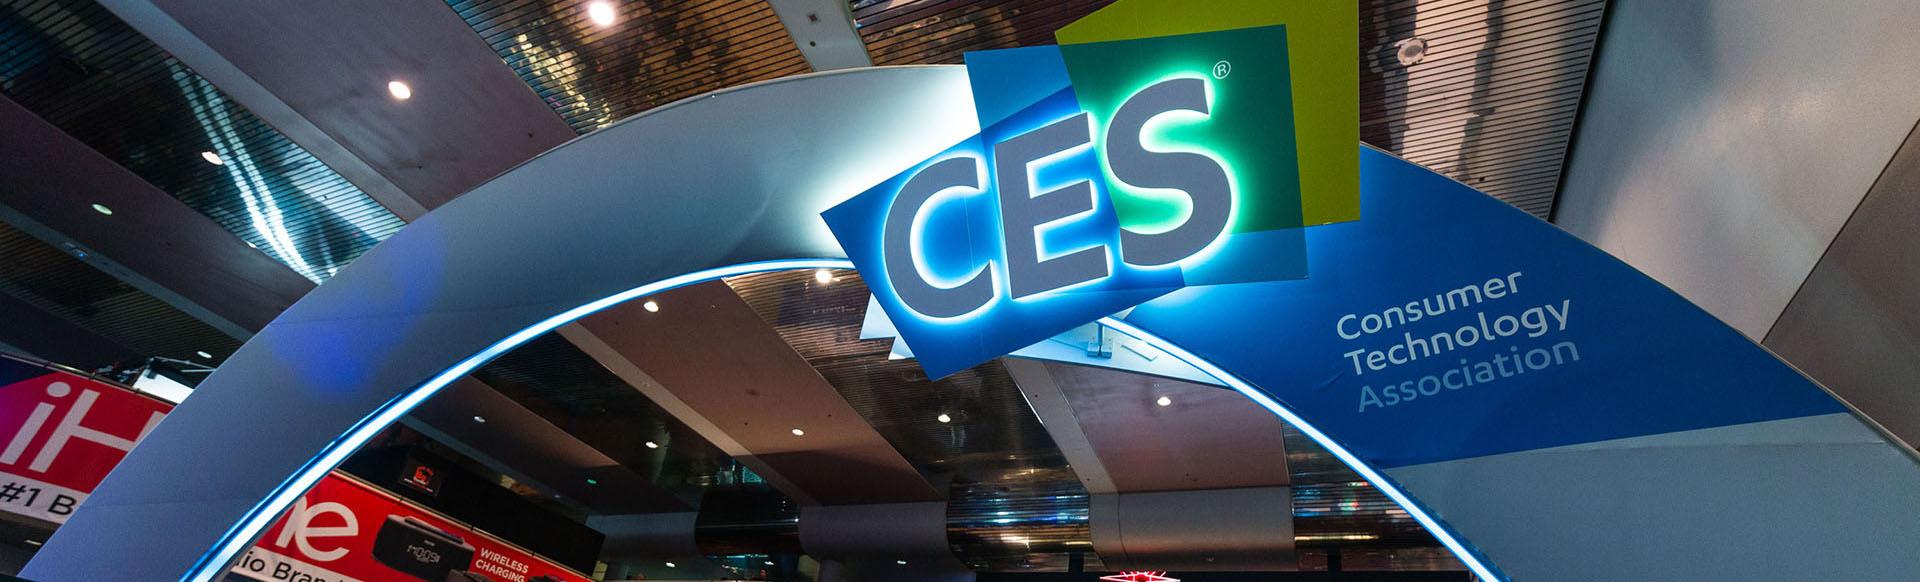 CES es la feria de tecnologías más grande del mundo y se lleva a cabo desde hace 53 años en Estados Unidos.